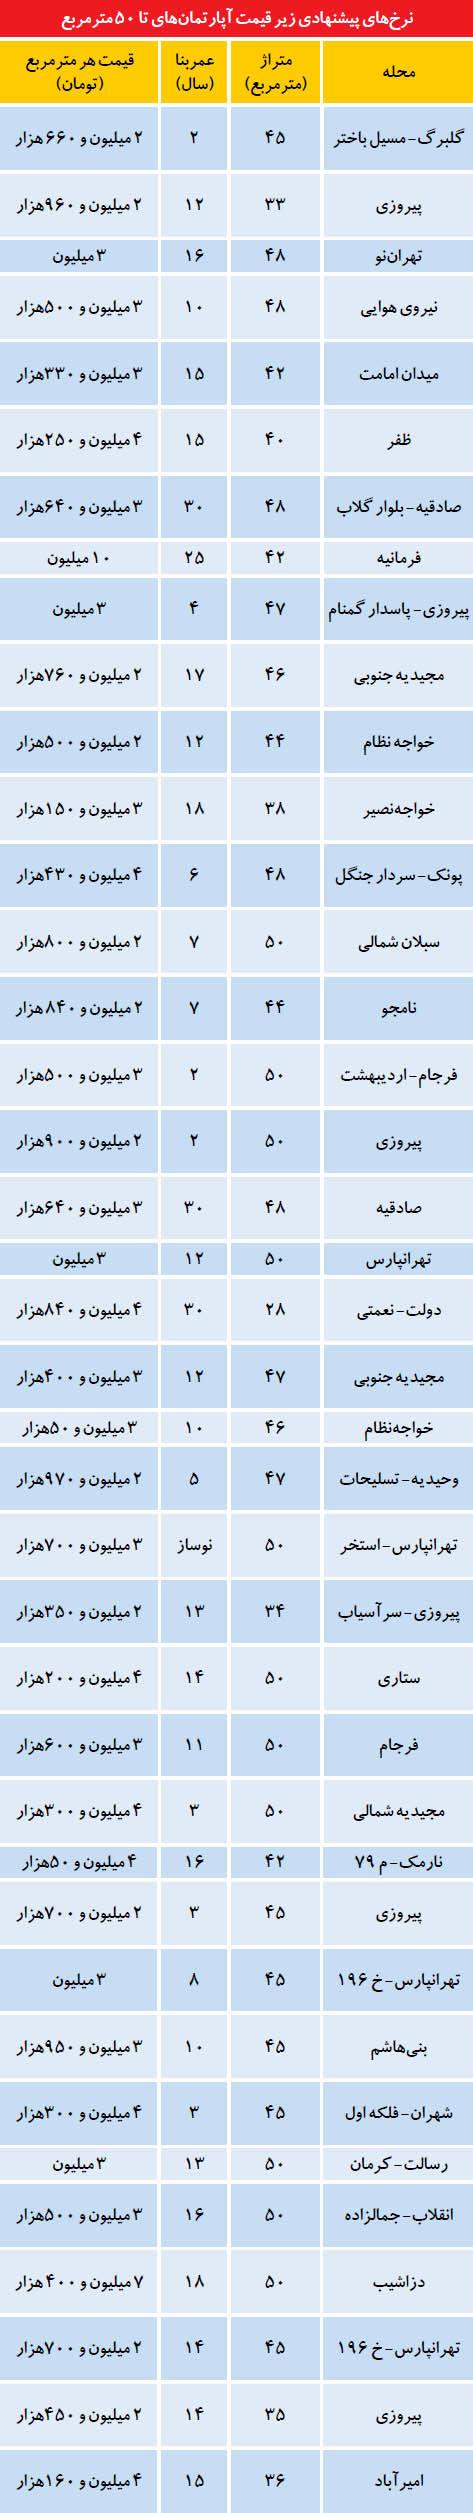 آپارتمانهای کوچکمتراژ زیر قیمت در تهران